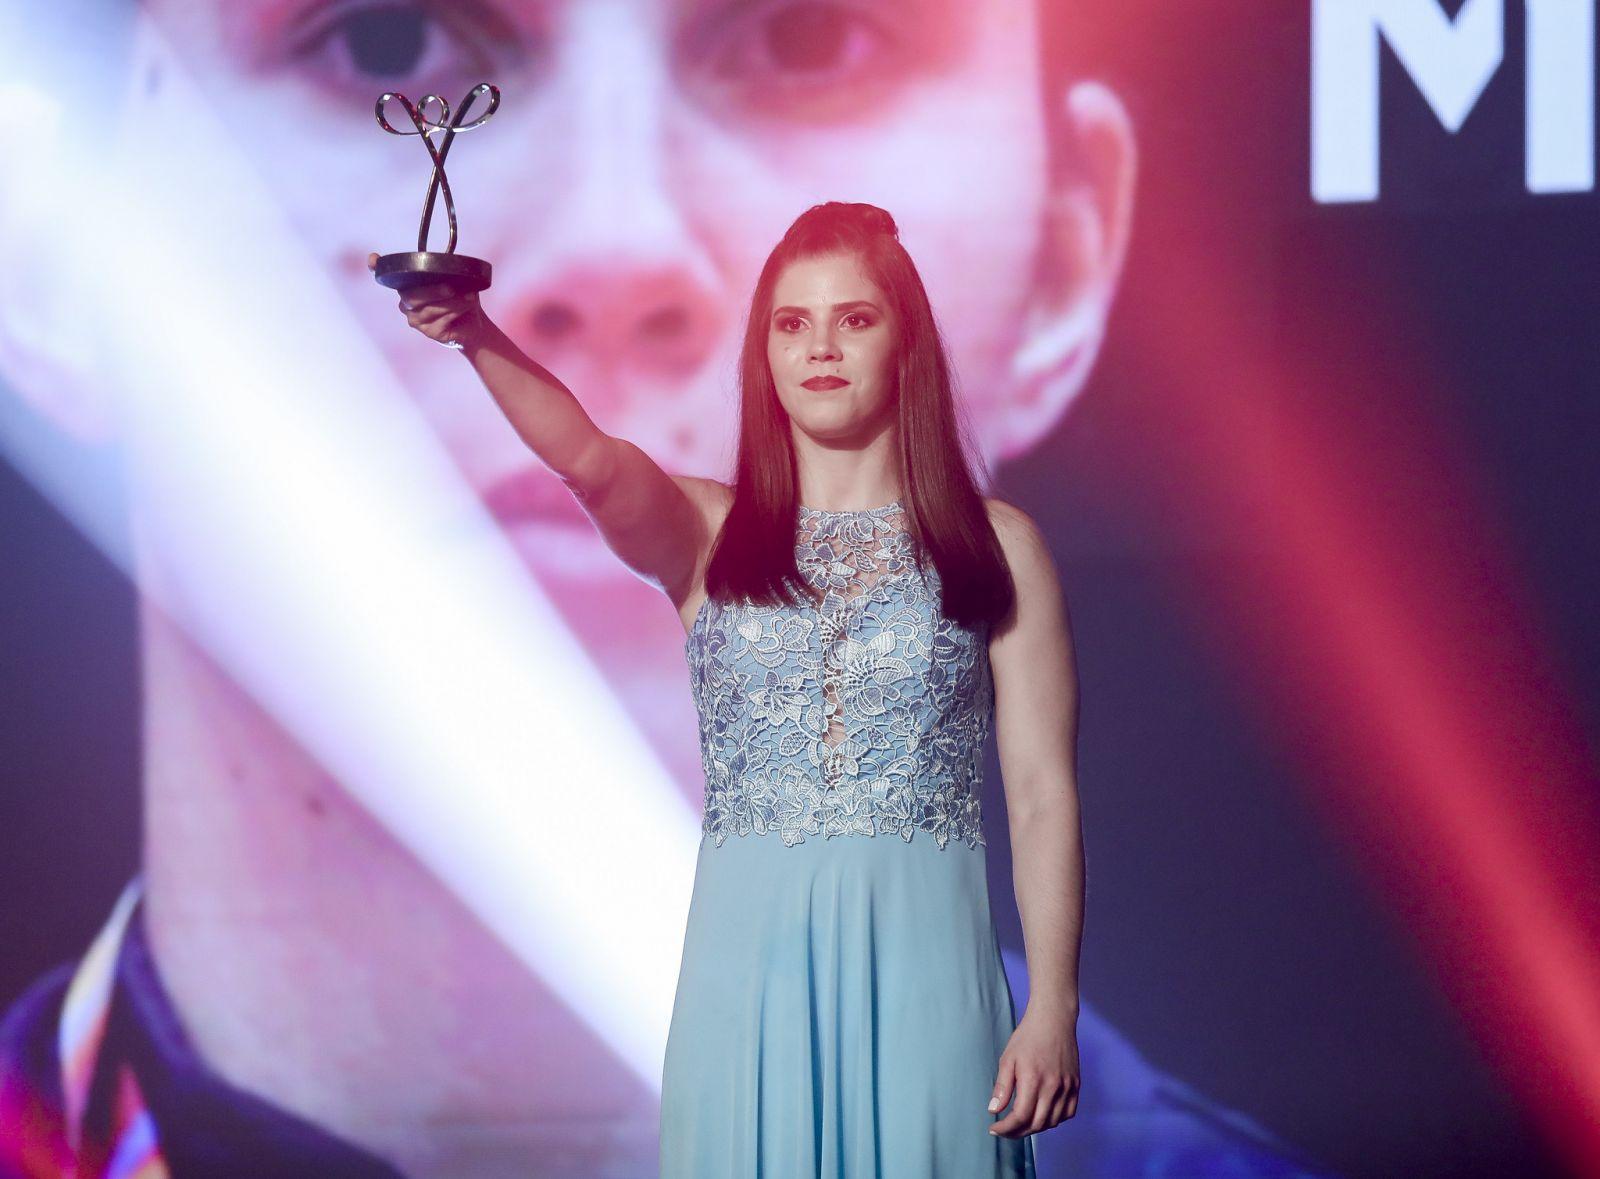 Ale Cabral/CPB _ Alana faturou o troféu 'Atleta da Galera' no Prêmio Paralímpicos 2019